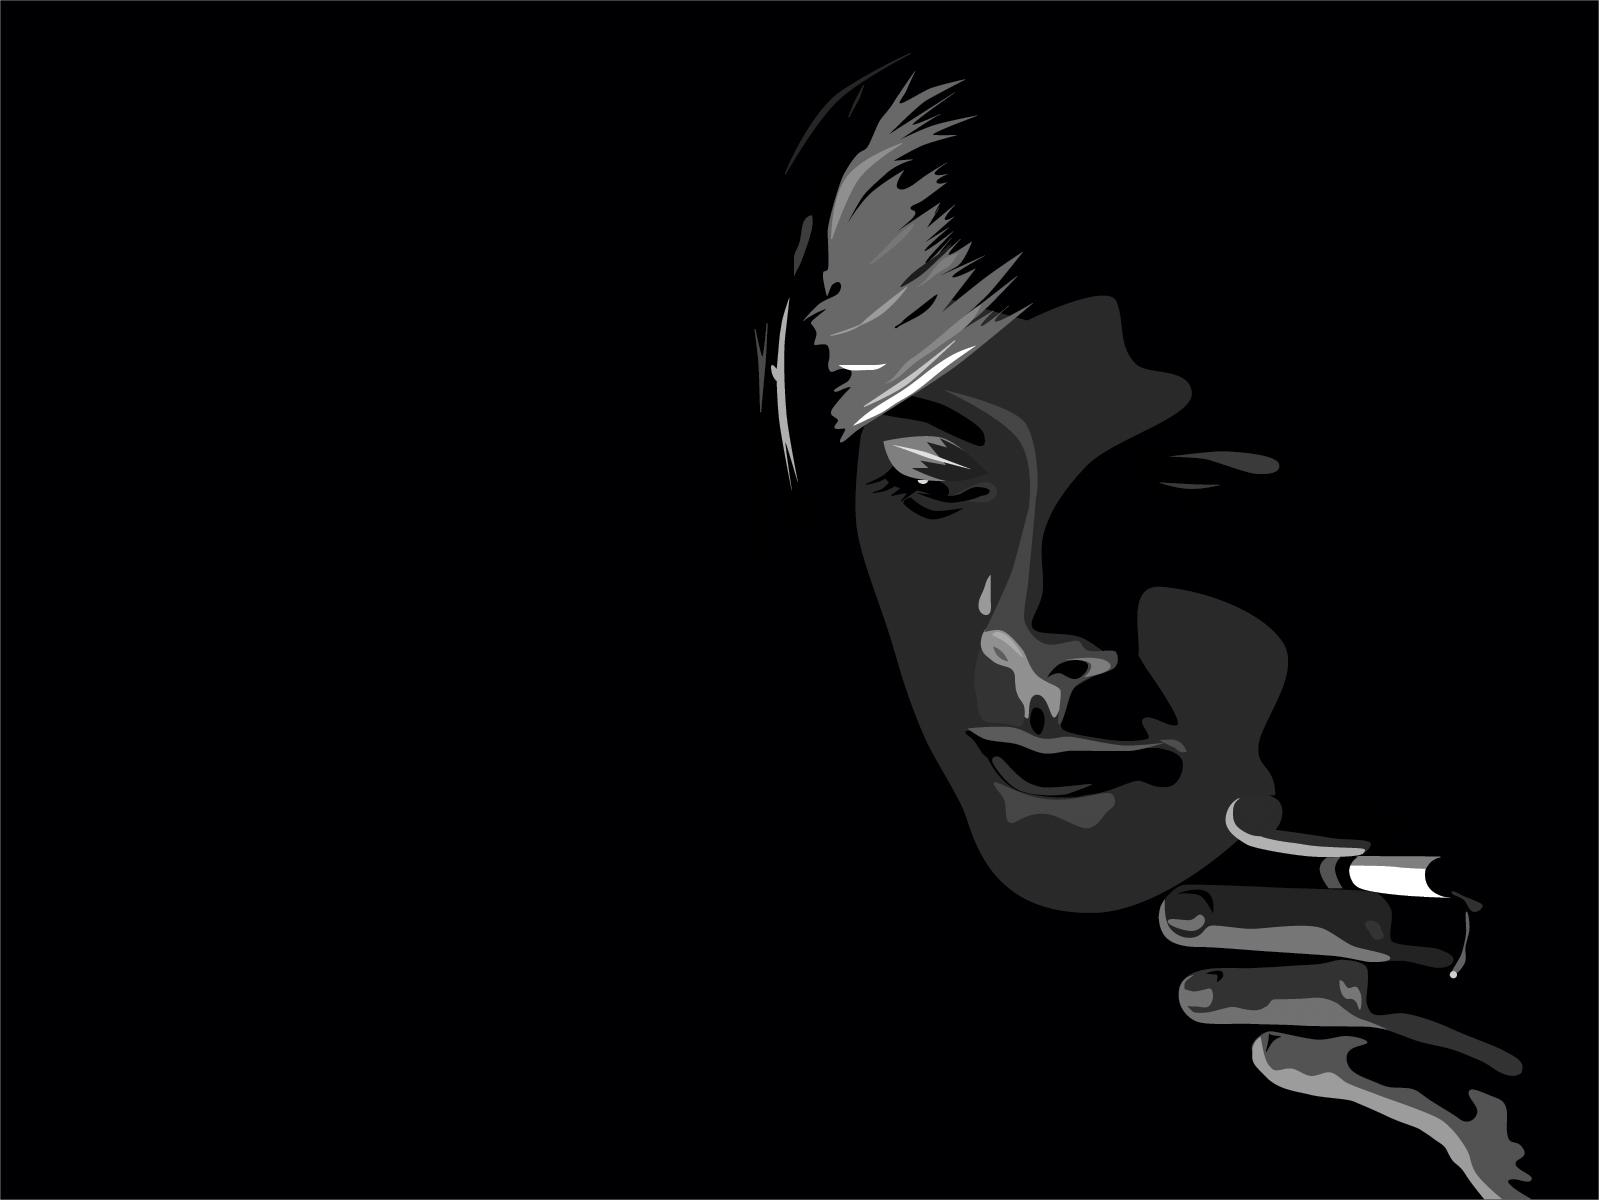 fotografi wallpaper hitam, wallpaper fotografi hitam dan putih, fotografi wallpaper desktop hitam putih, fotografi hitam putih wallpaper gratis, fotografi hitam putih wallpaper hd, wallpaper fotografi kota hitam putih,